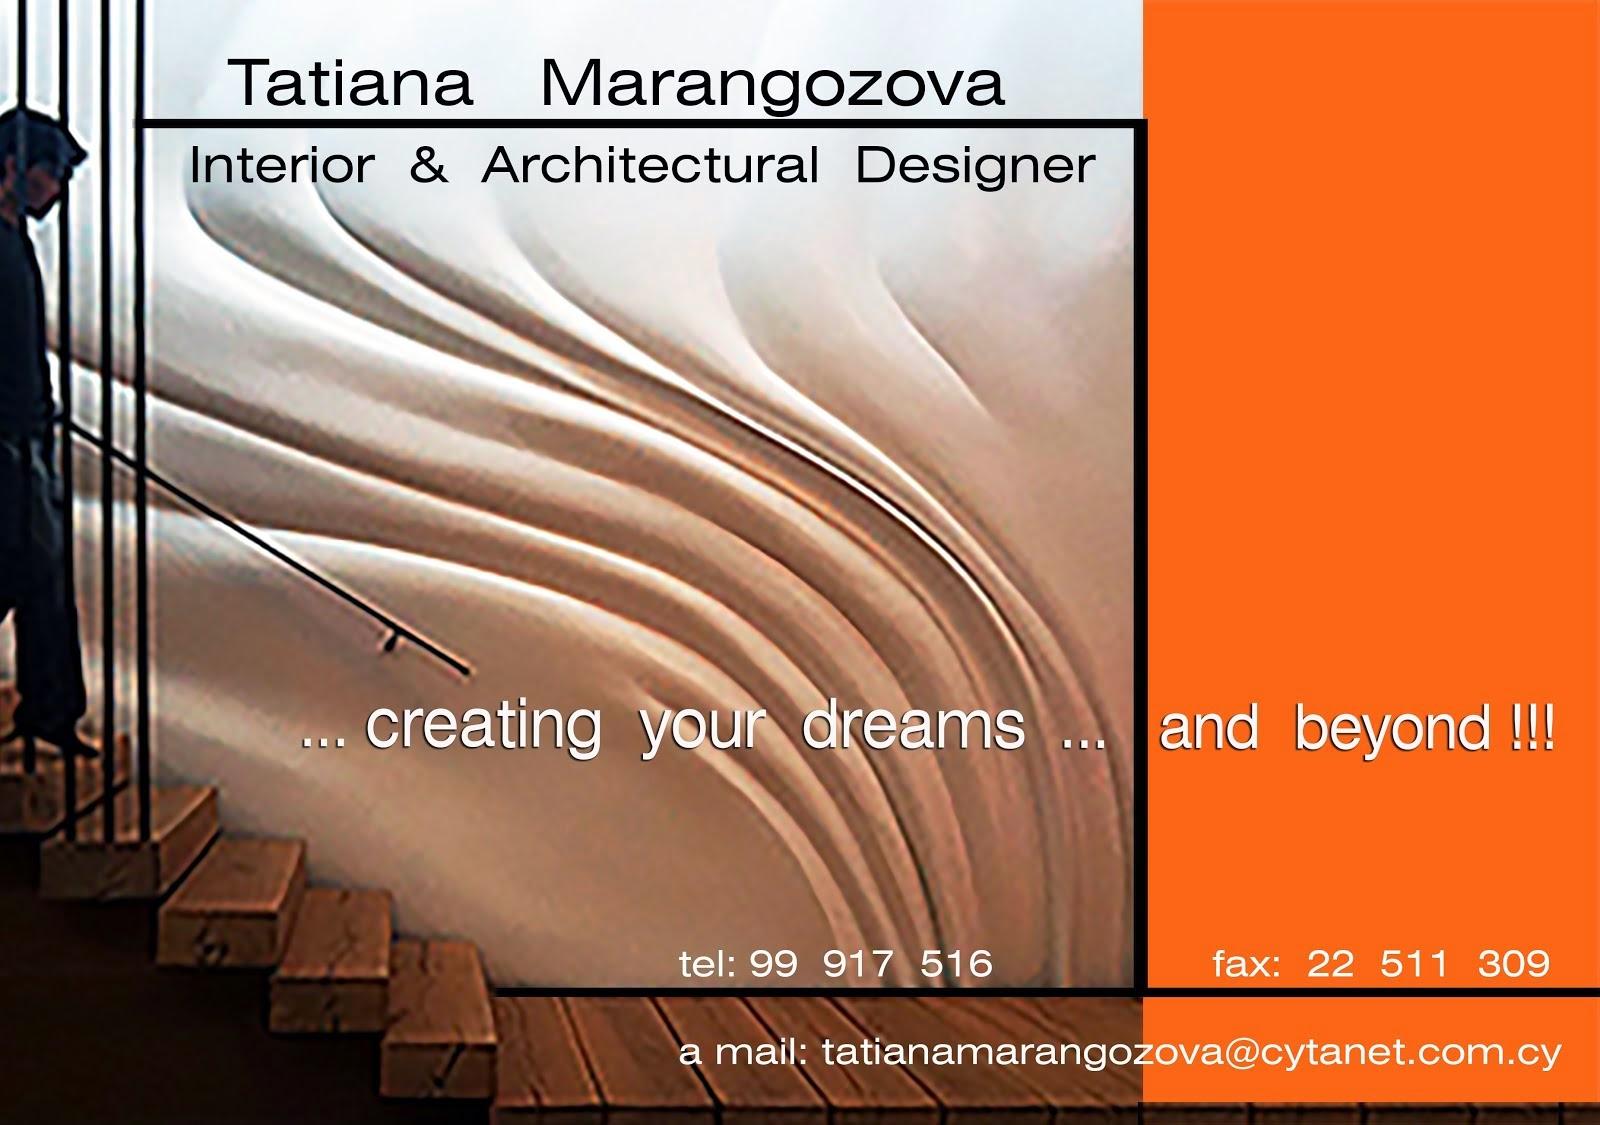 Interior & Architectural Designer